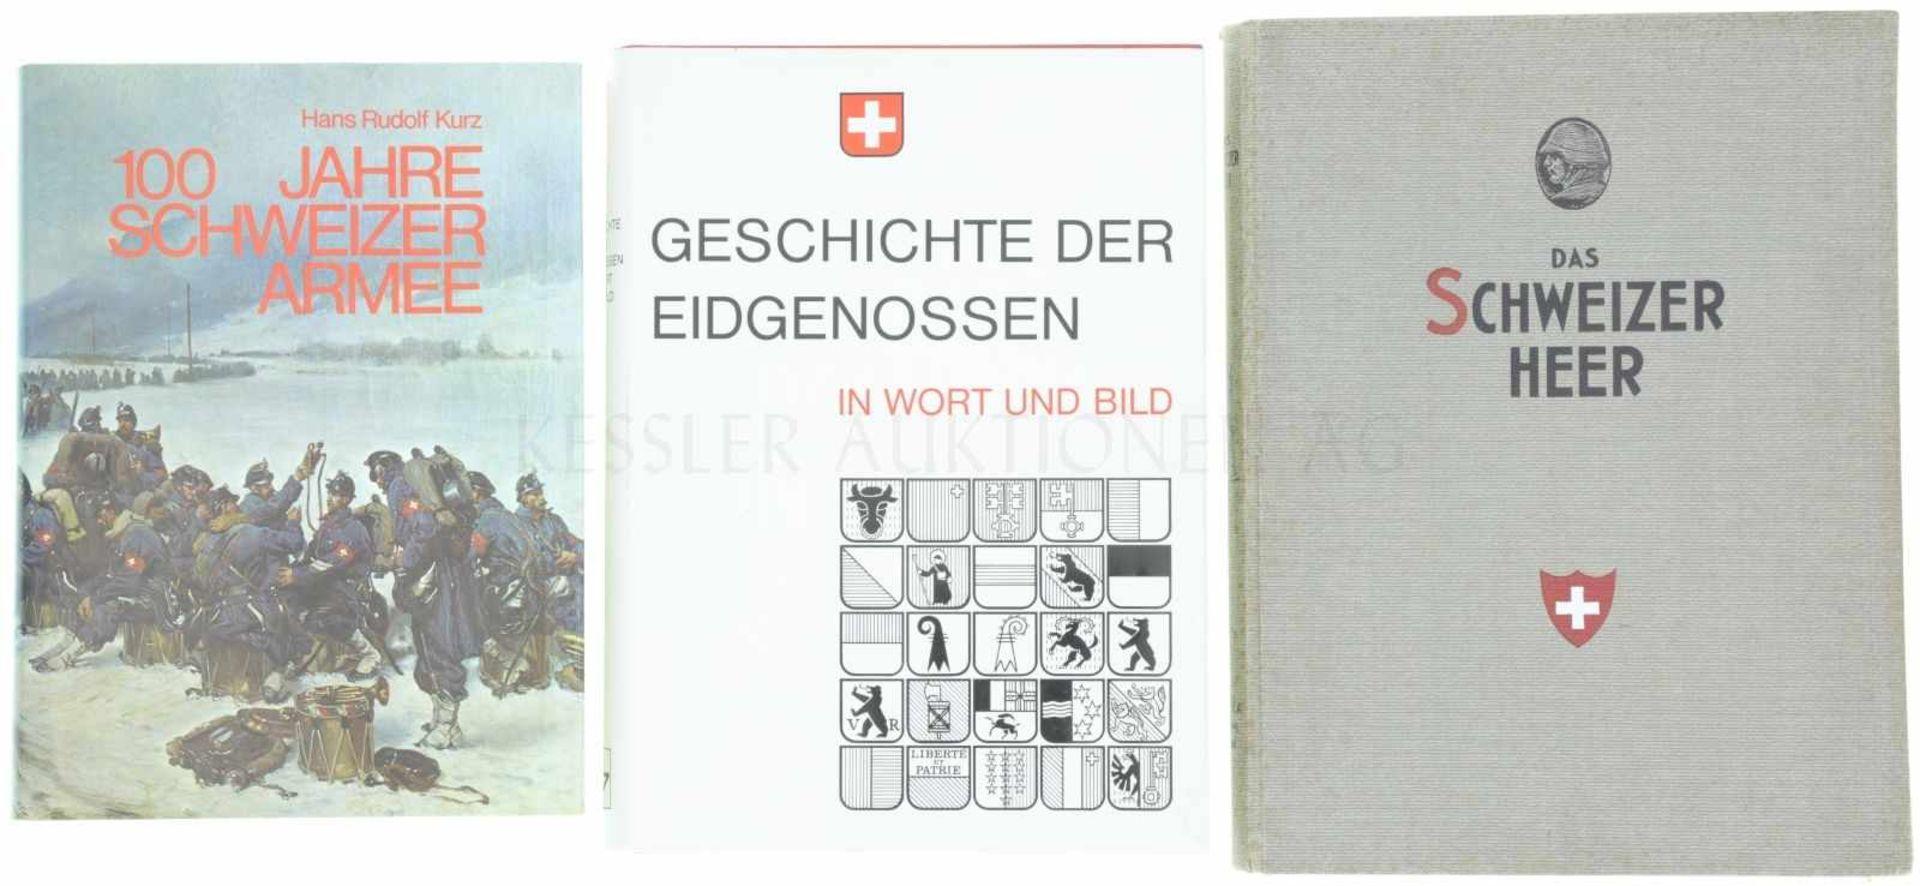 Konvolut von 3 Büchern 1. 100 Jahre Schweizer Armee, Autor Hans Rudolf Kurz, Ott Verlag Thun, 2.